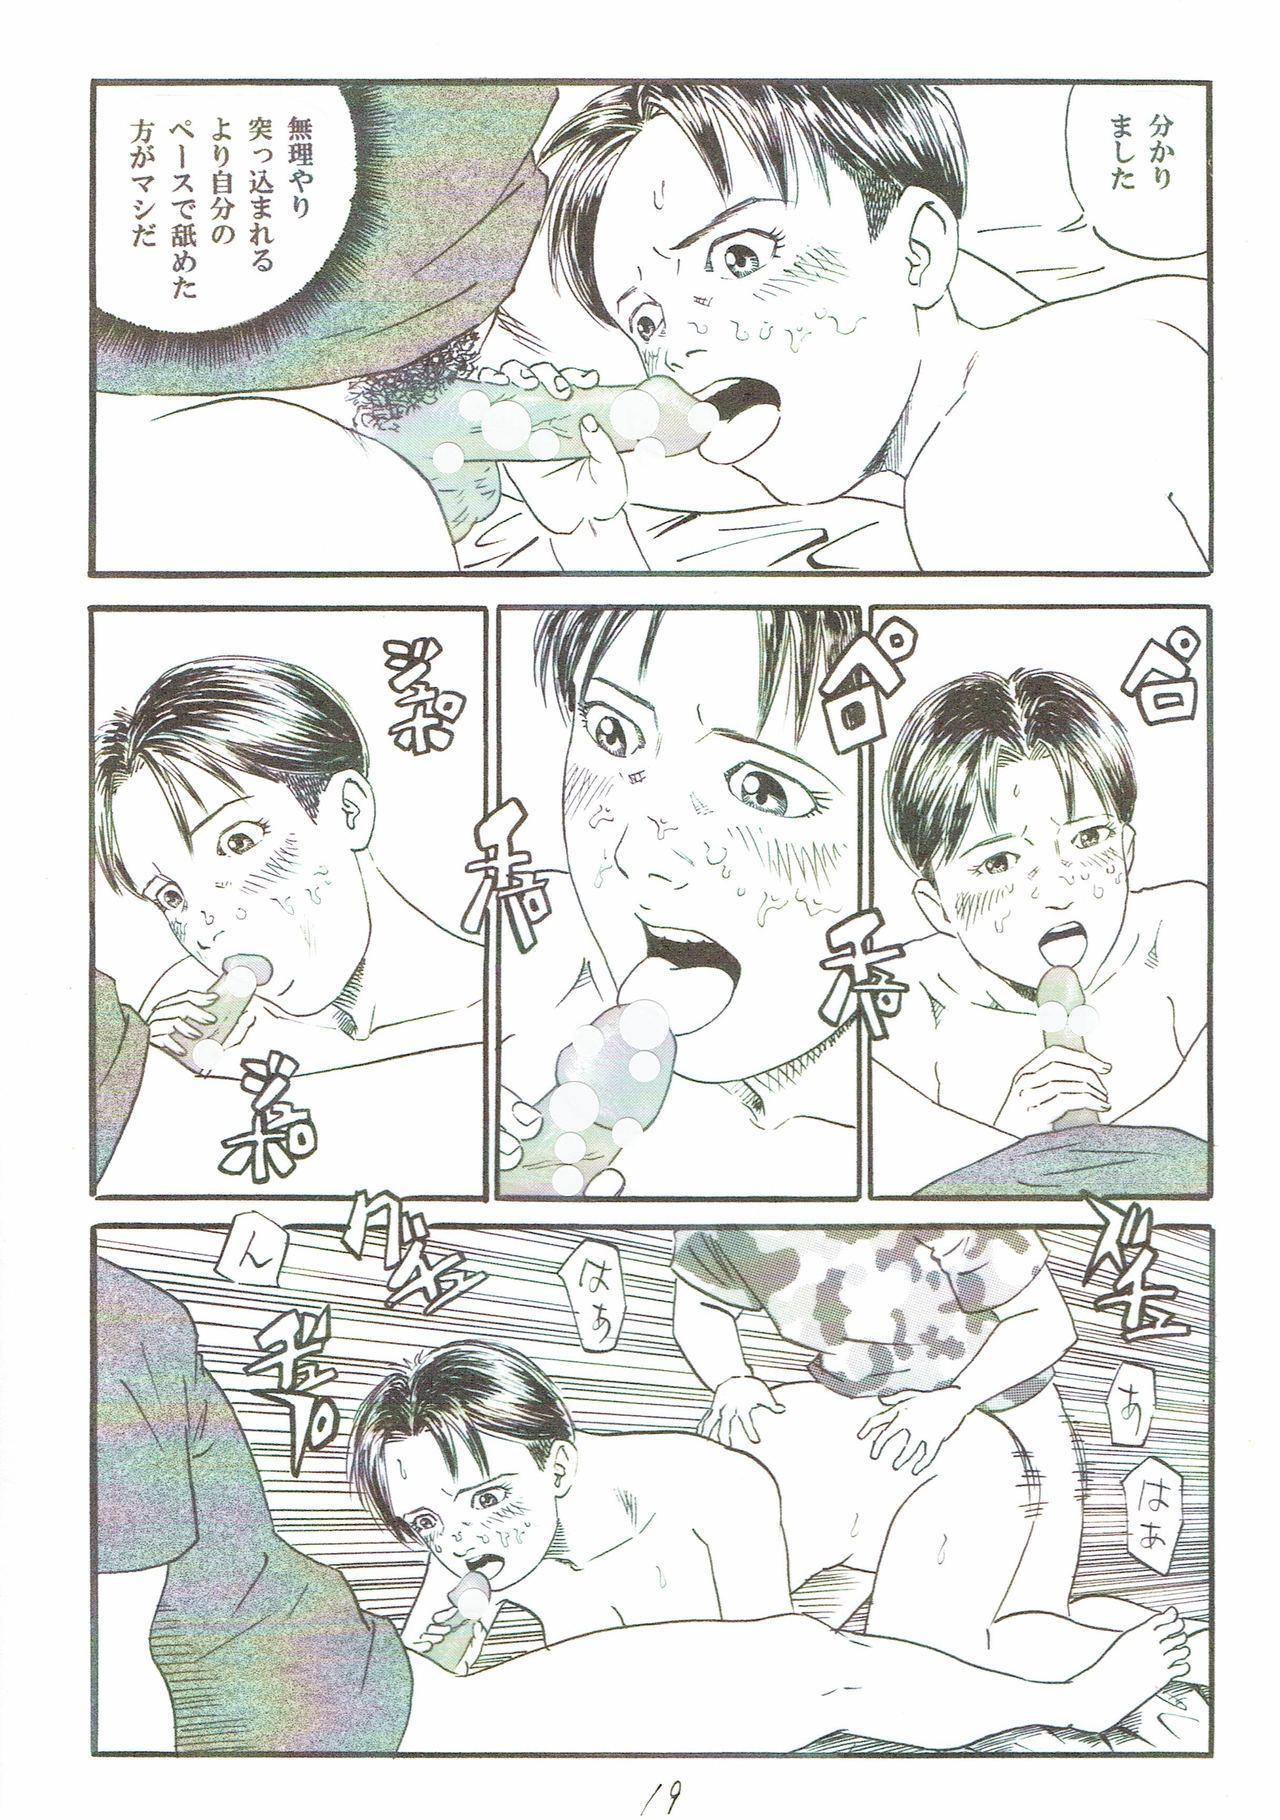 Atarashii Seikyouiku5 19